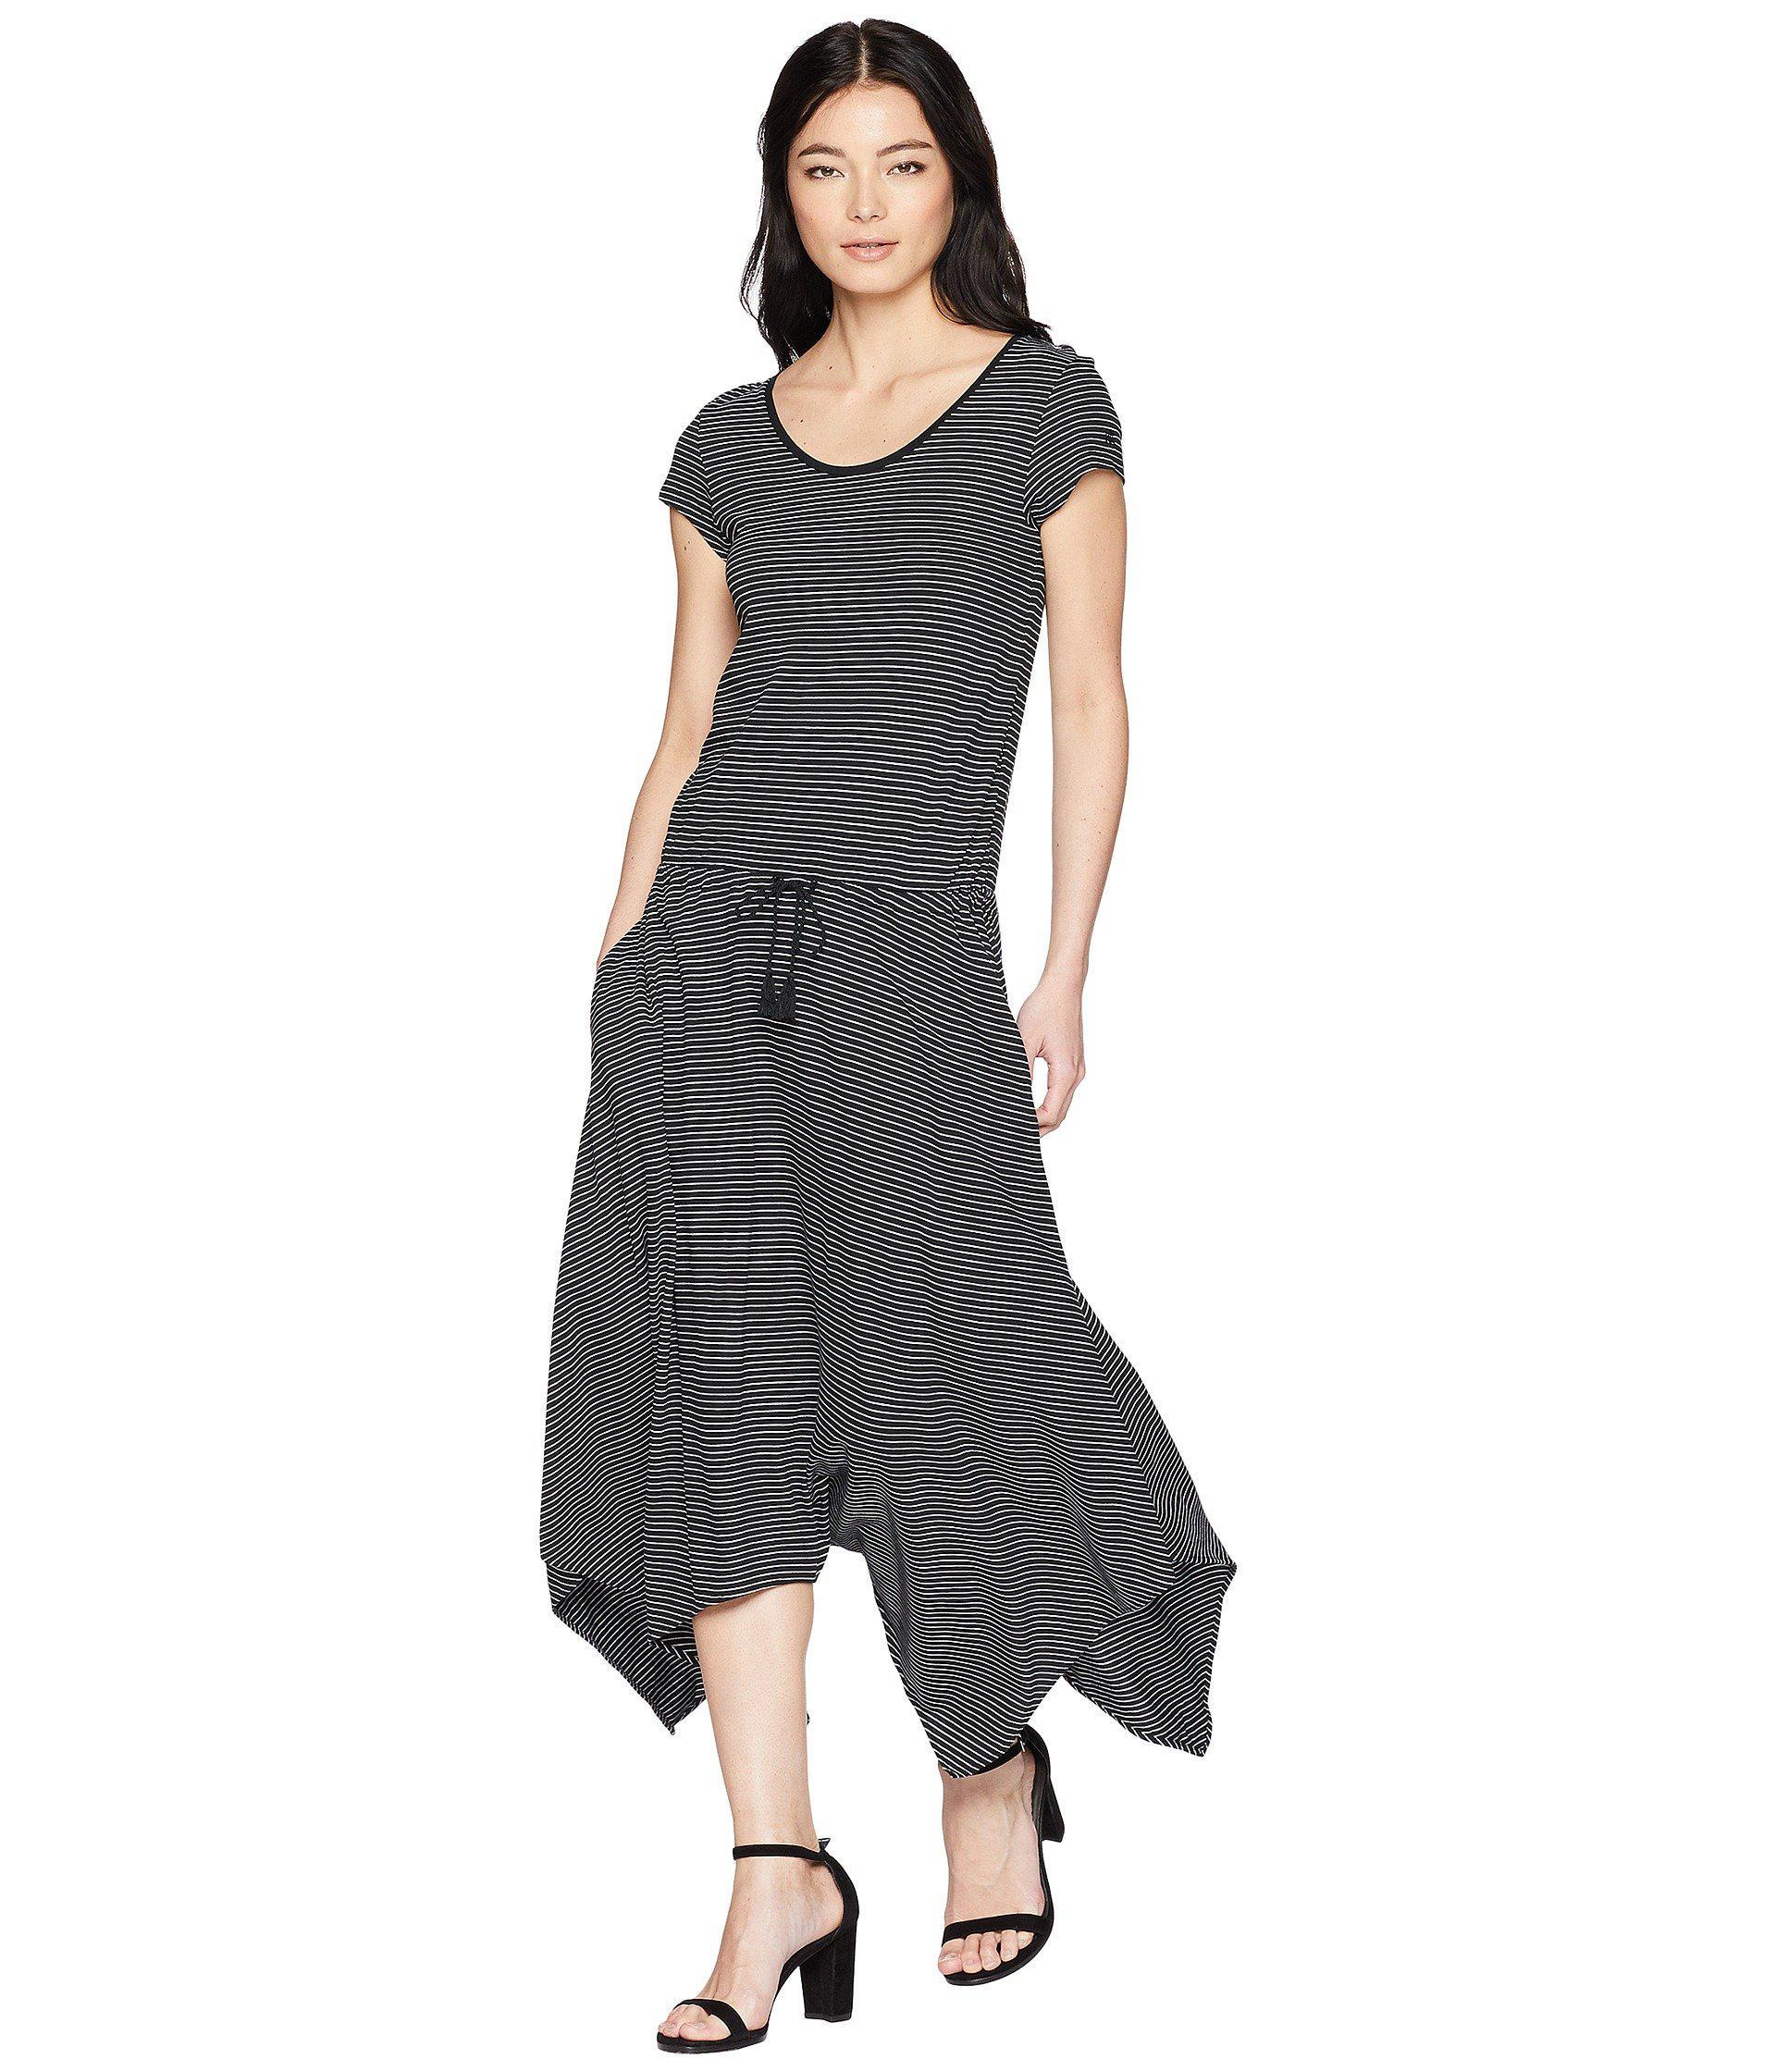 Lyst - Lauren By Ralph Lauren Petite Cotton-blend T-shirt Dress ... a13d03549